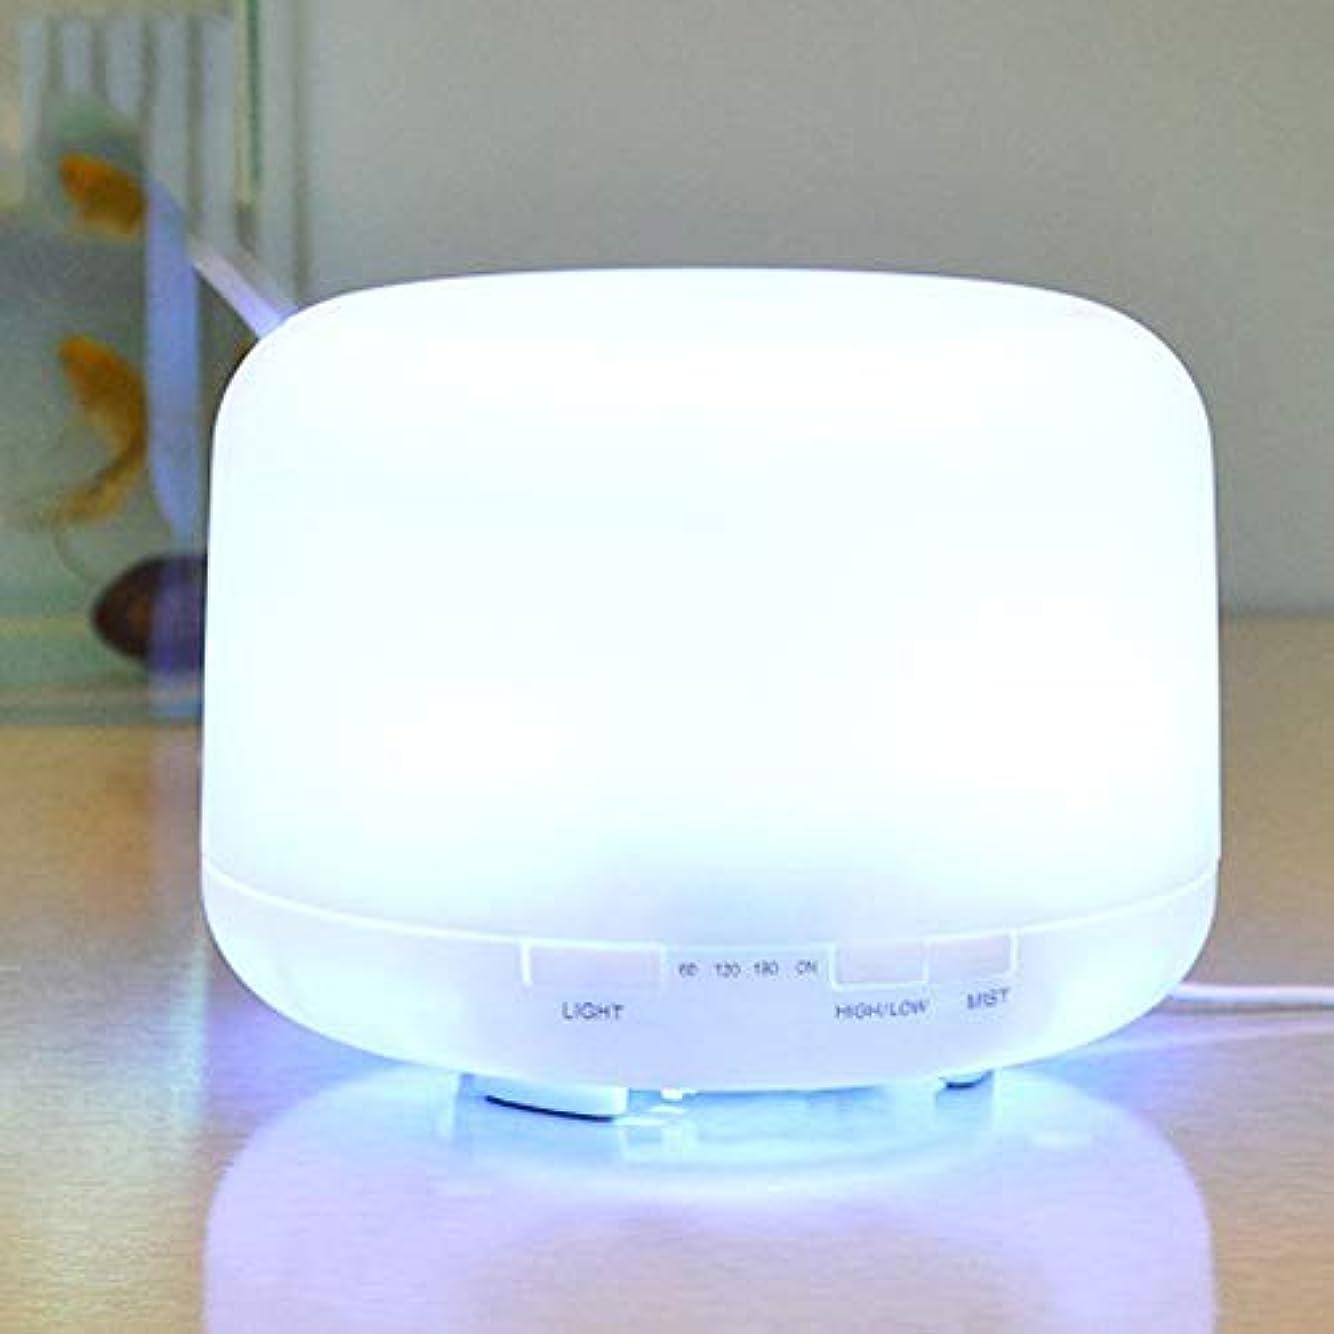 1000ml のエッセンシャルオイルディフューザー、プレミアム超音波アロマセラピー香りオイルディフューザー気化器、タイマーと水なしオートオフ、7 LED ライトカラー